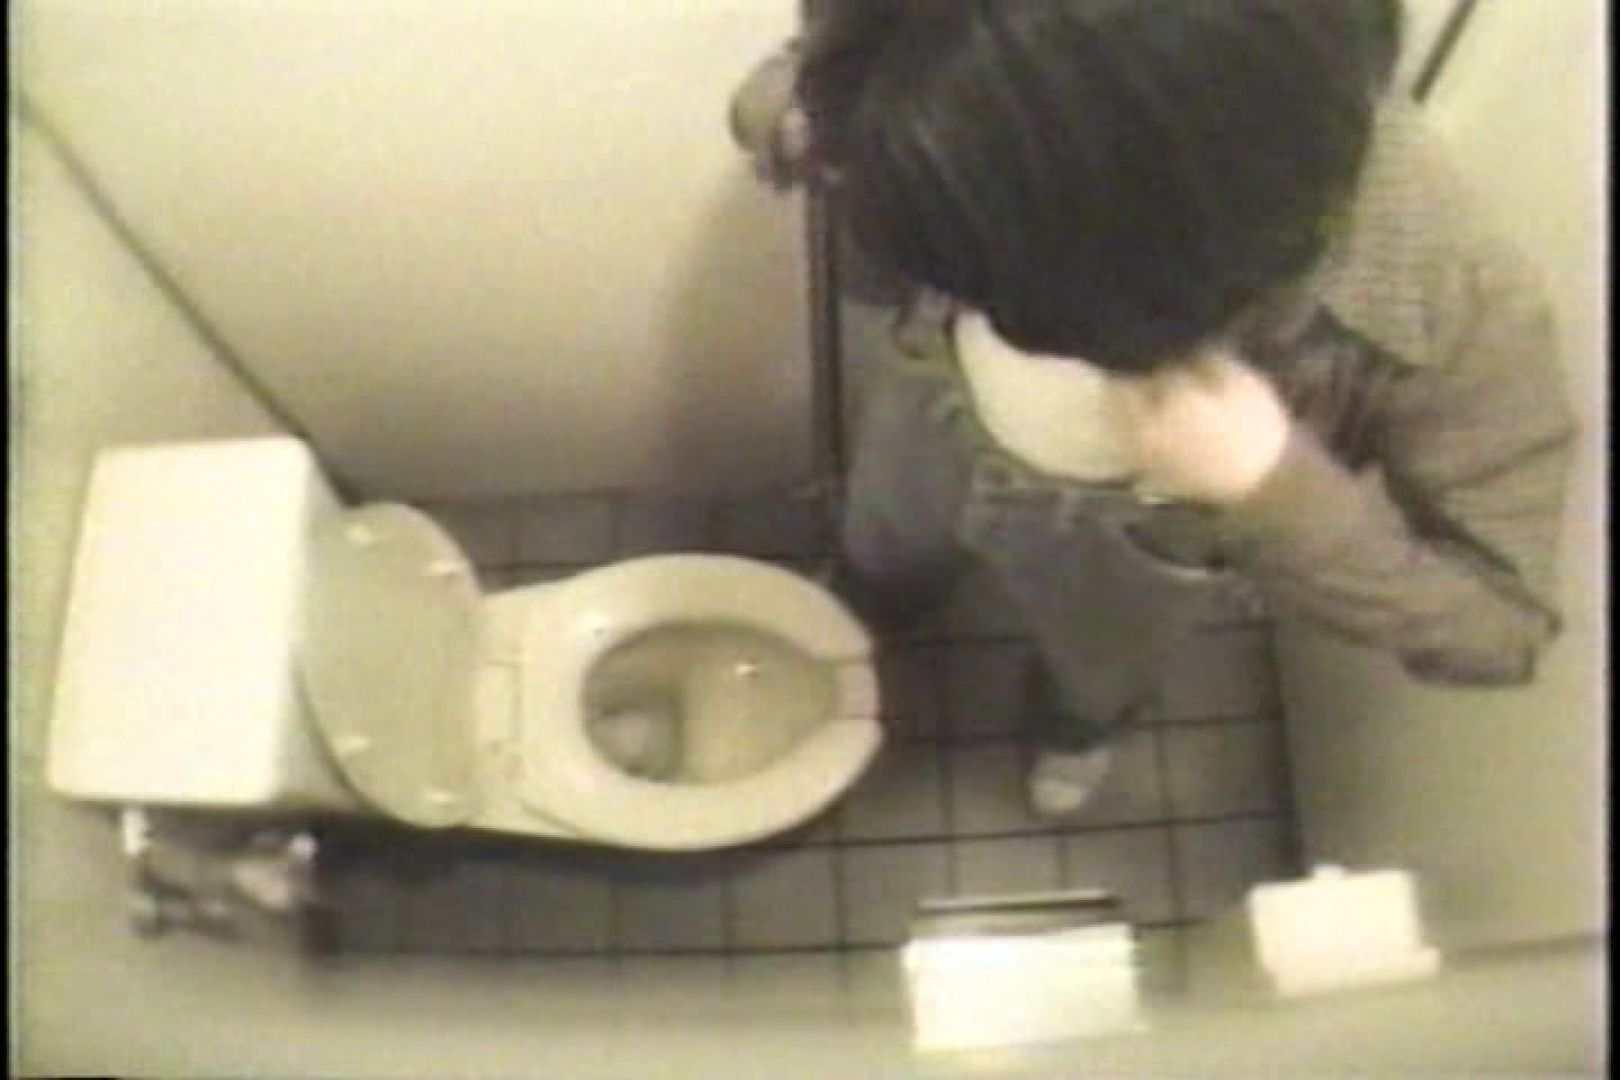 盗撮 女子洗面所3ヶ所入ってしゃがんで音出して プライベート   和式  109連発 9